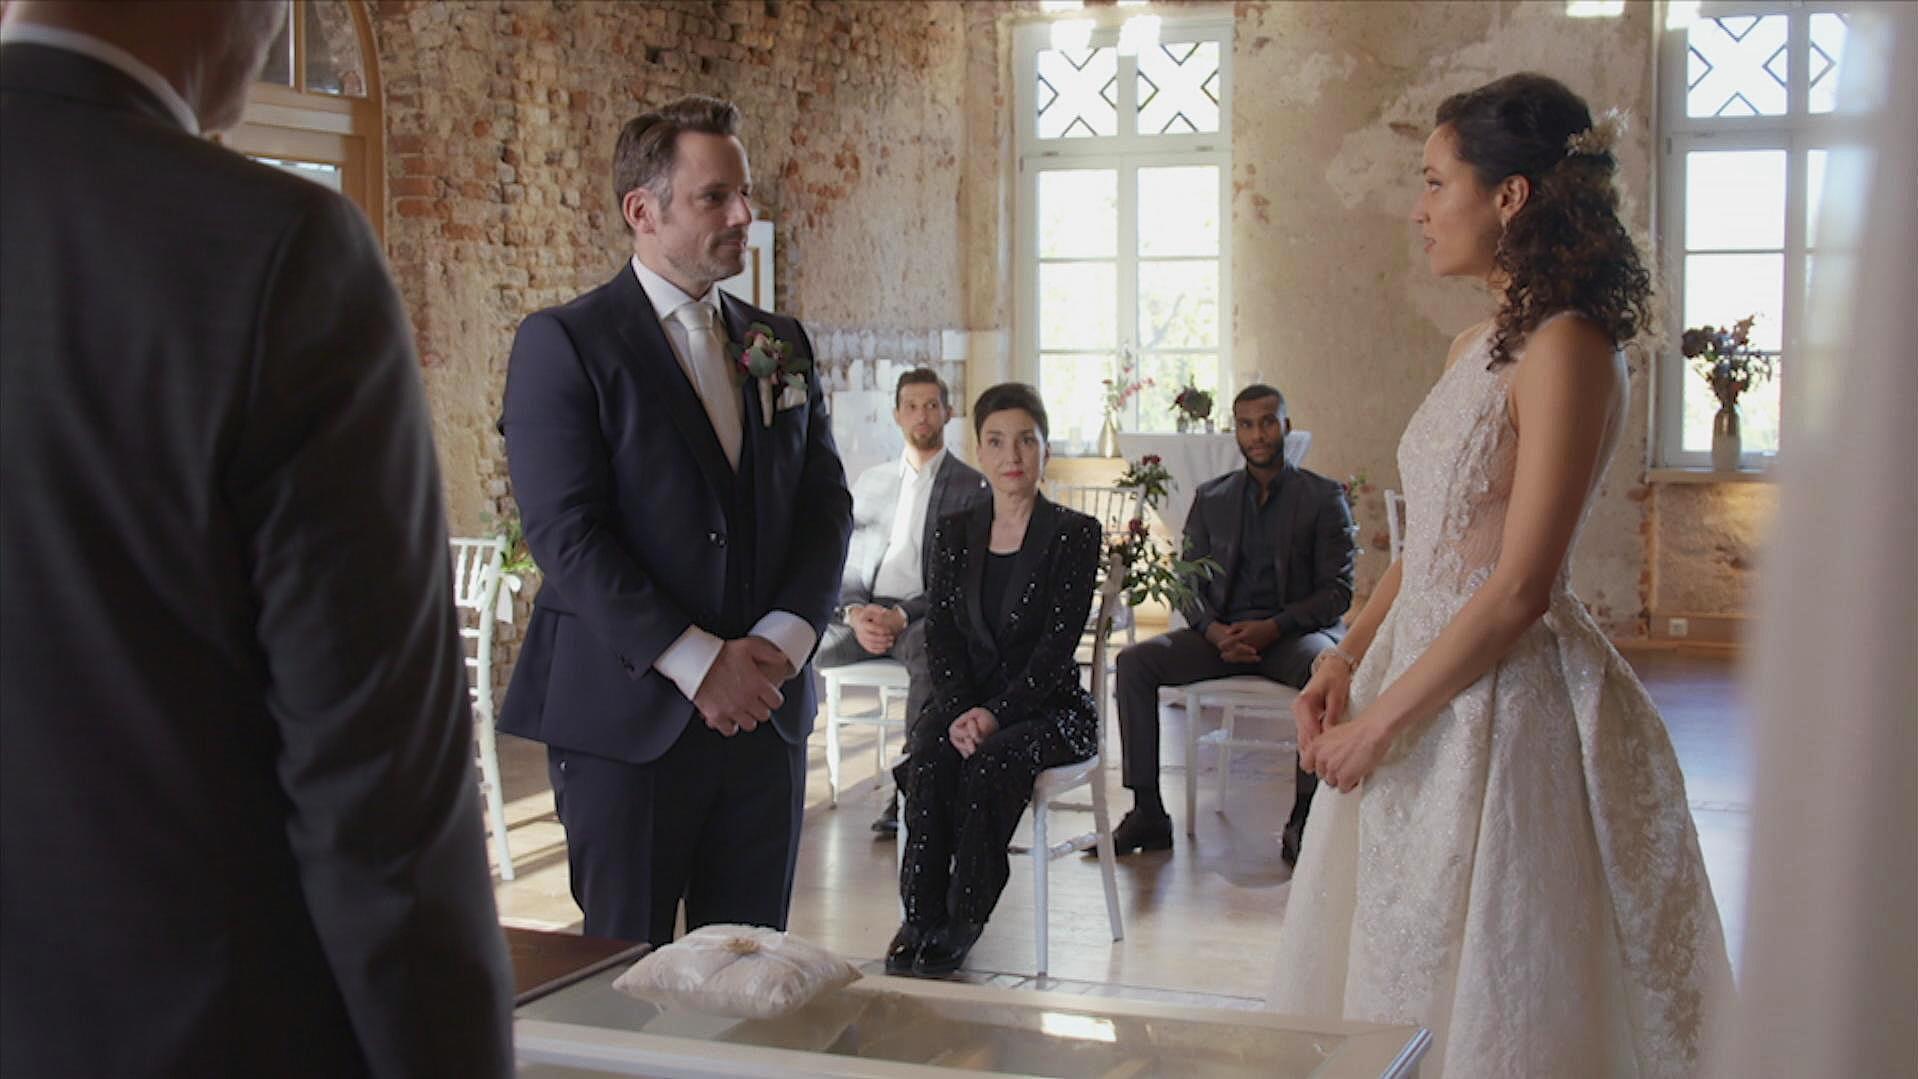 Awz Lasst Malu Die Hochzeit Mit Justus Platzen